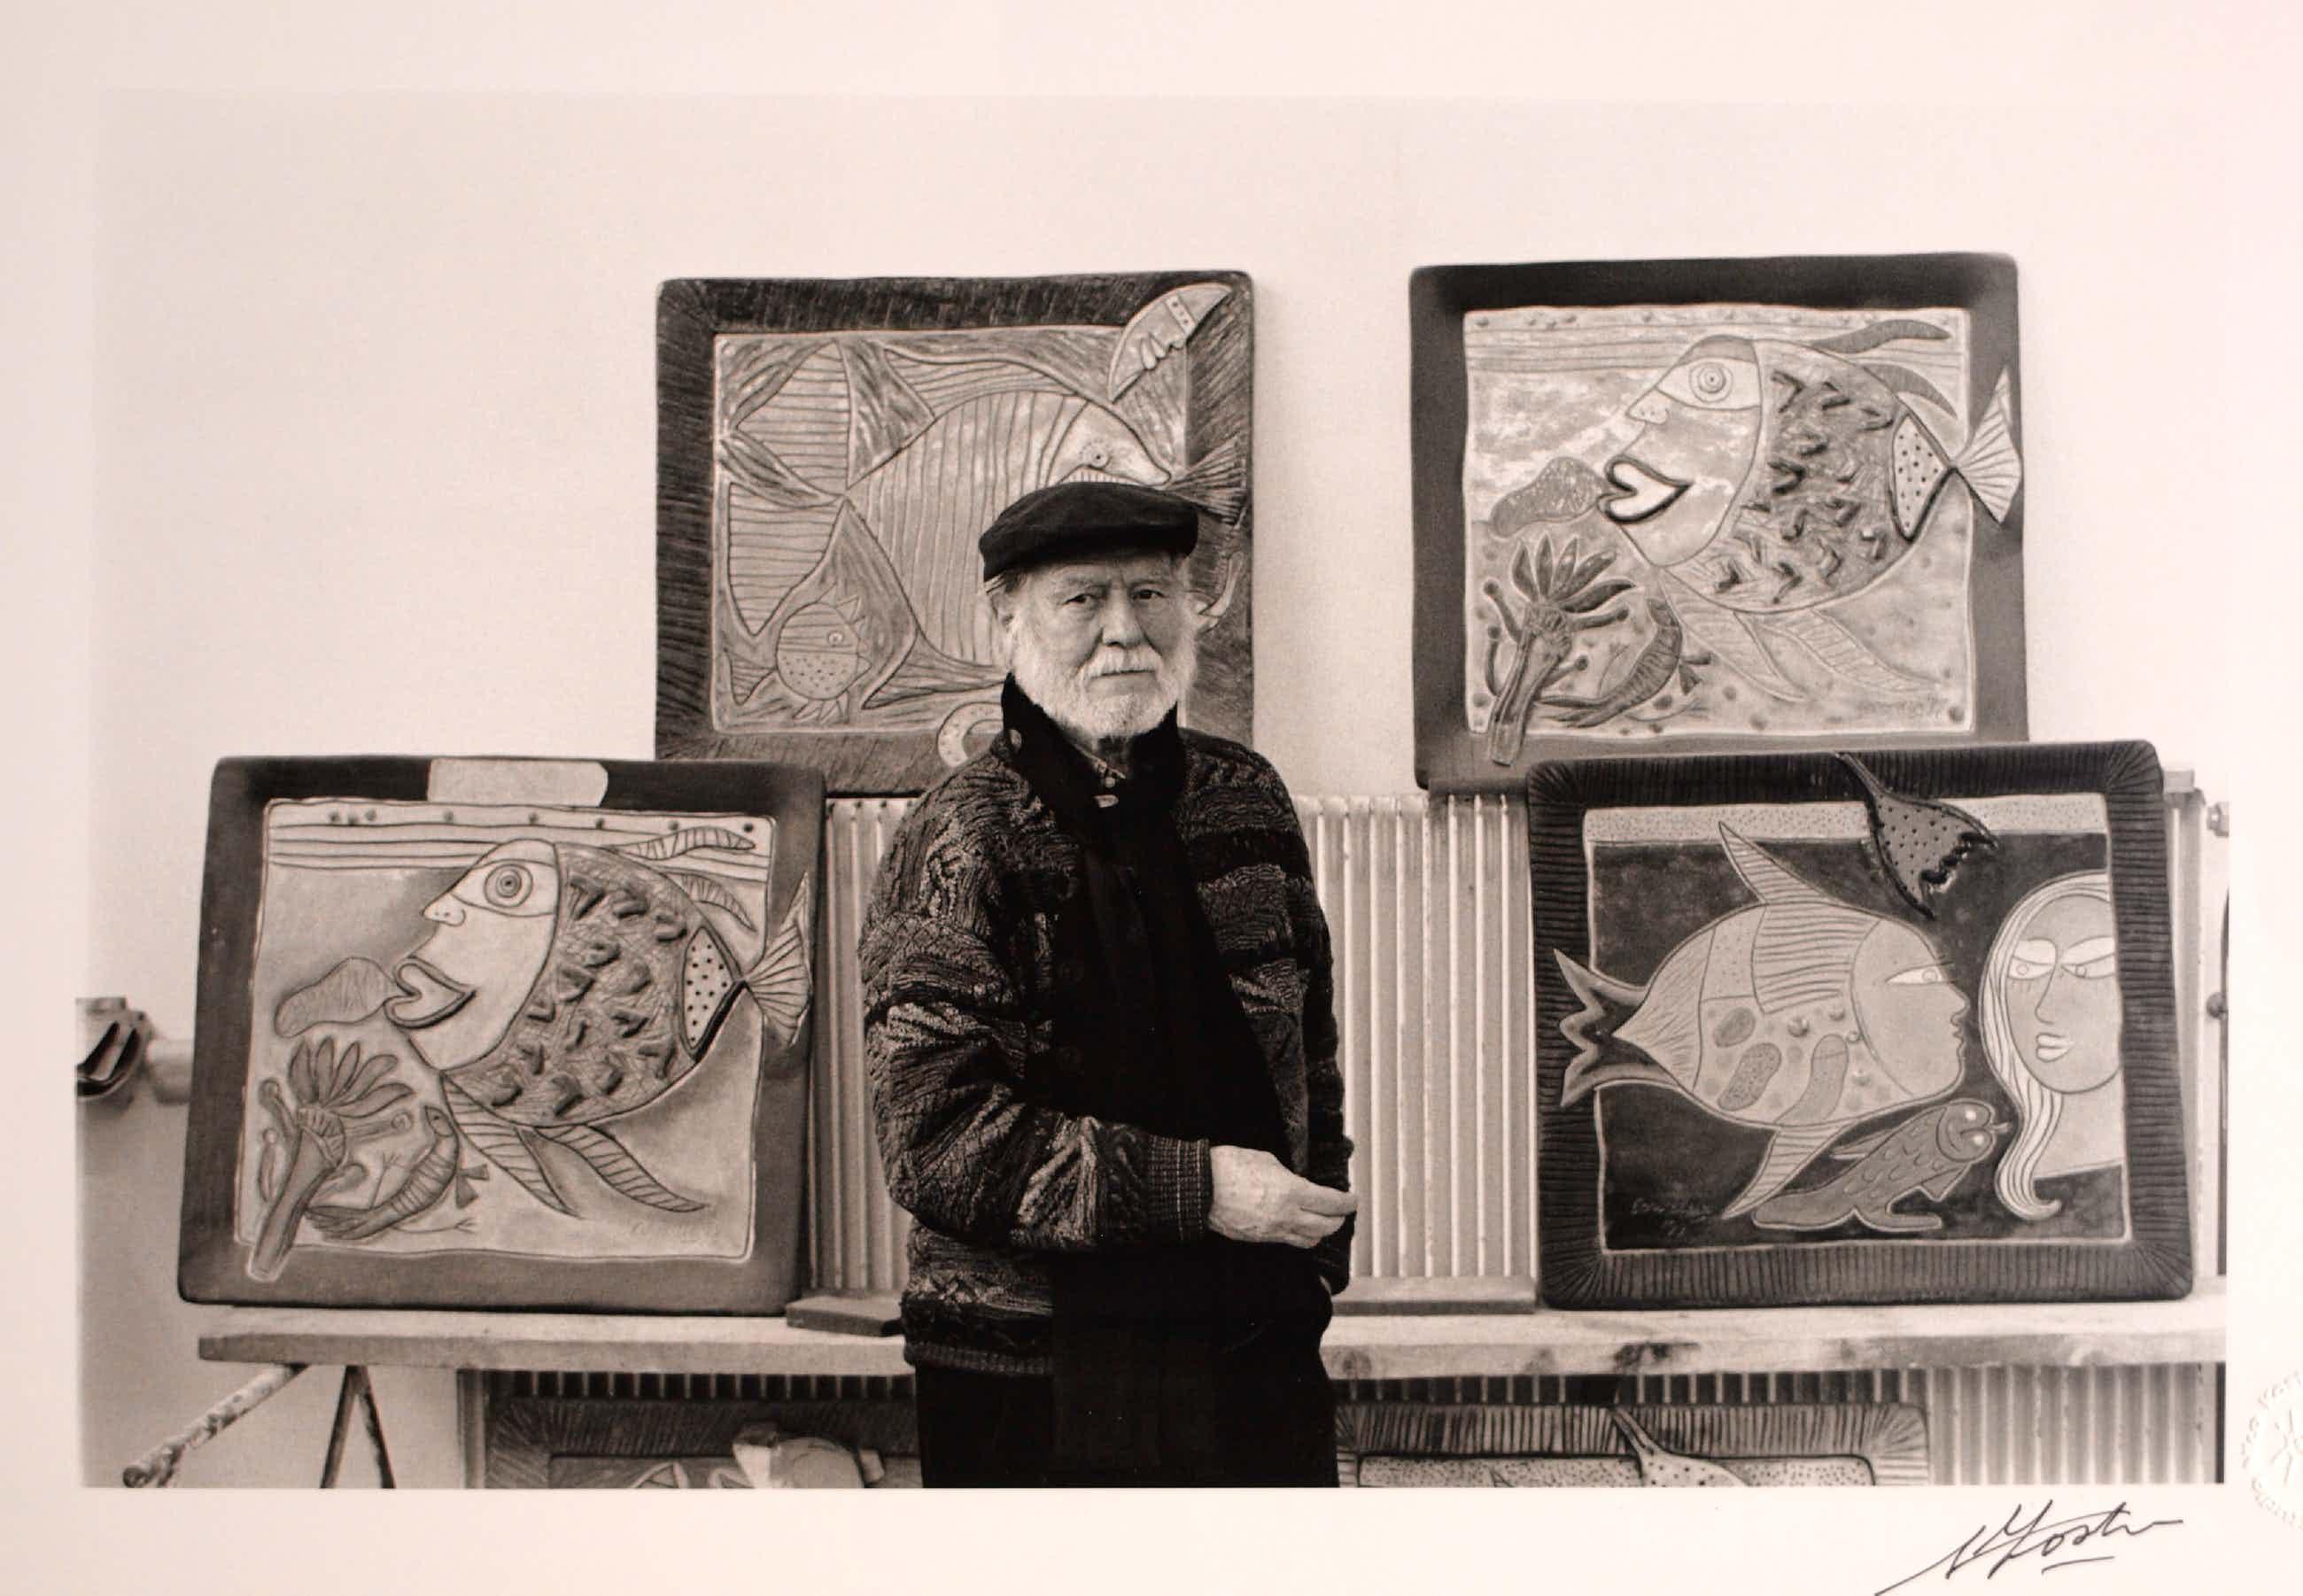 Corneille - Foto van Corneille voor 4 schilderijen – Fotograaf: Nico Koster kopen? Bied vanaf 80!